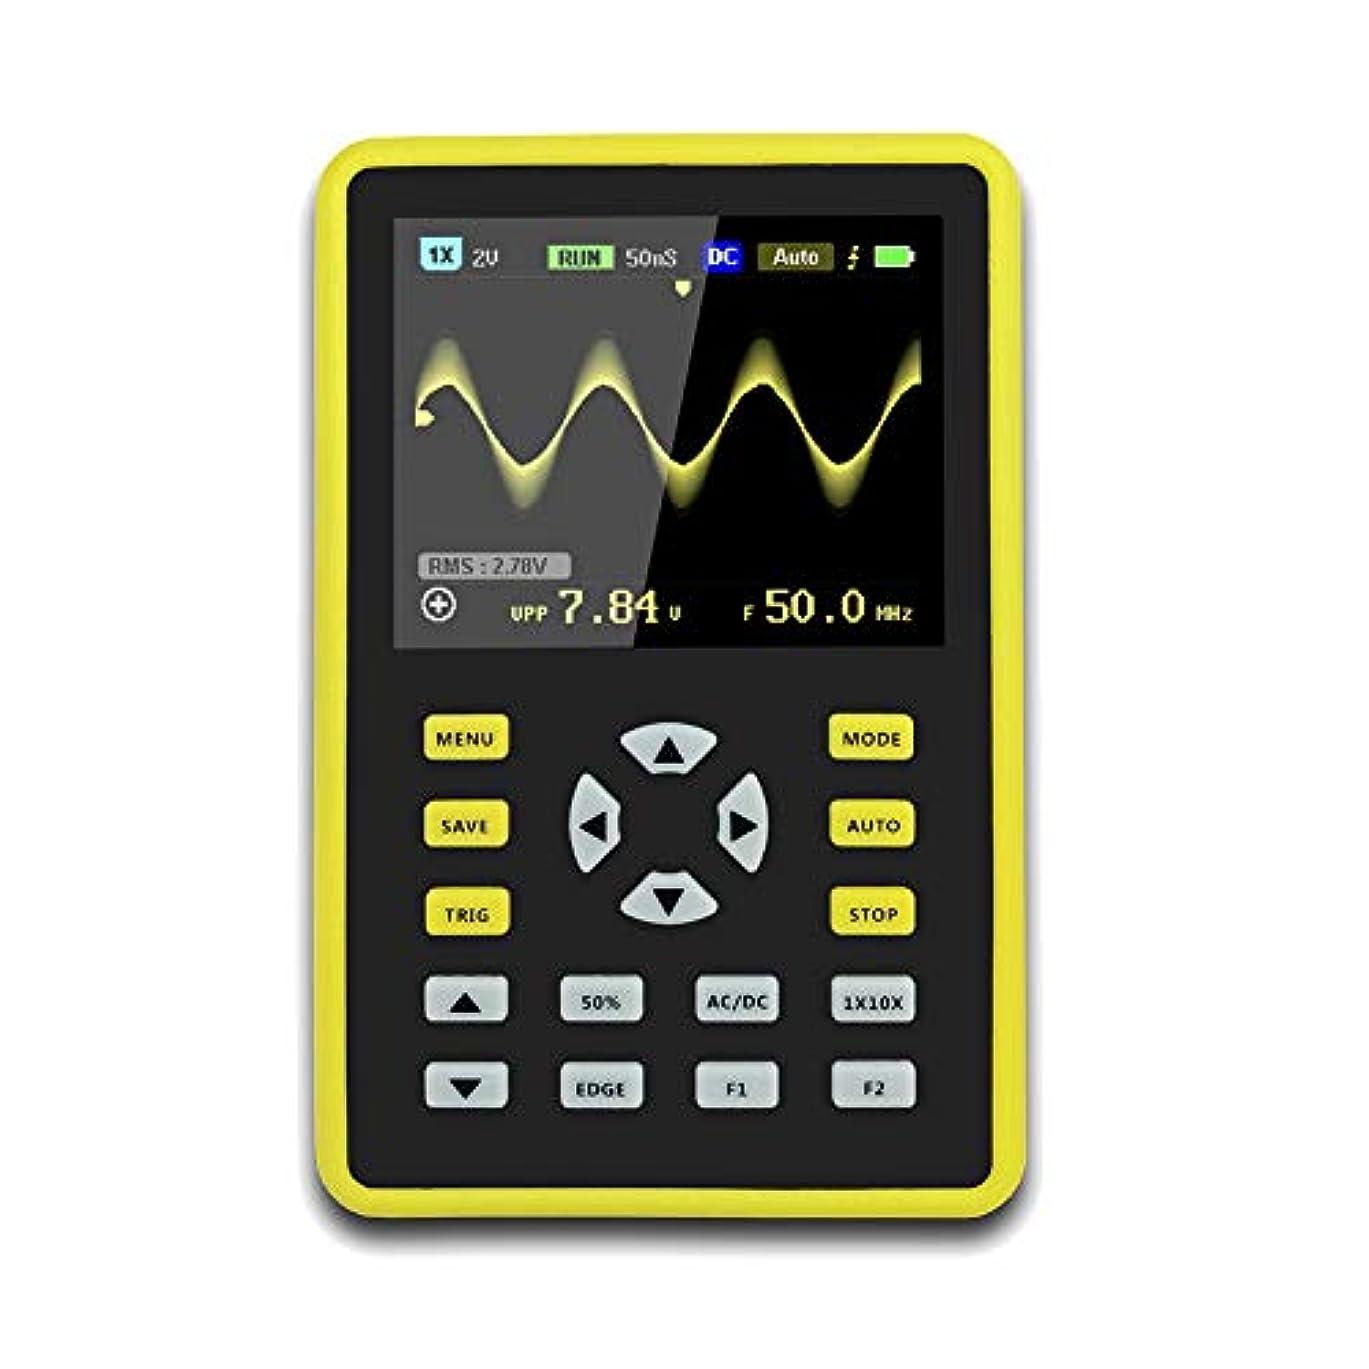 戦略バンド会話CoolTack  手持ち型デジタル小型オシロスコープ2.4インチ500 MS/s IPS LCD表示スクリーンの携帯用